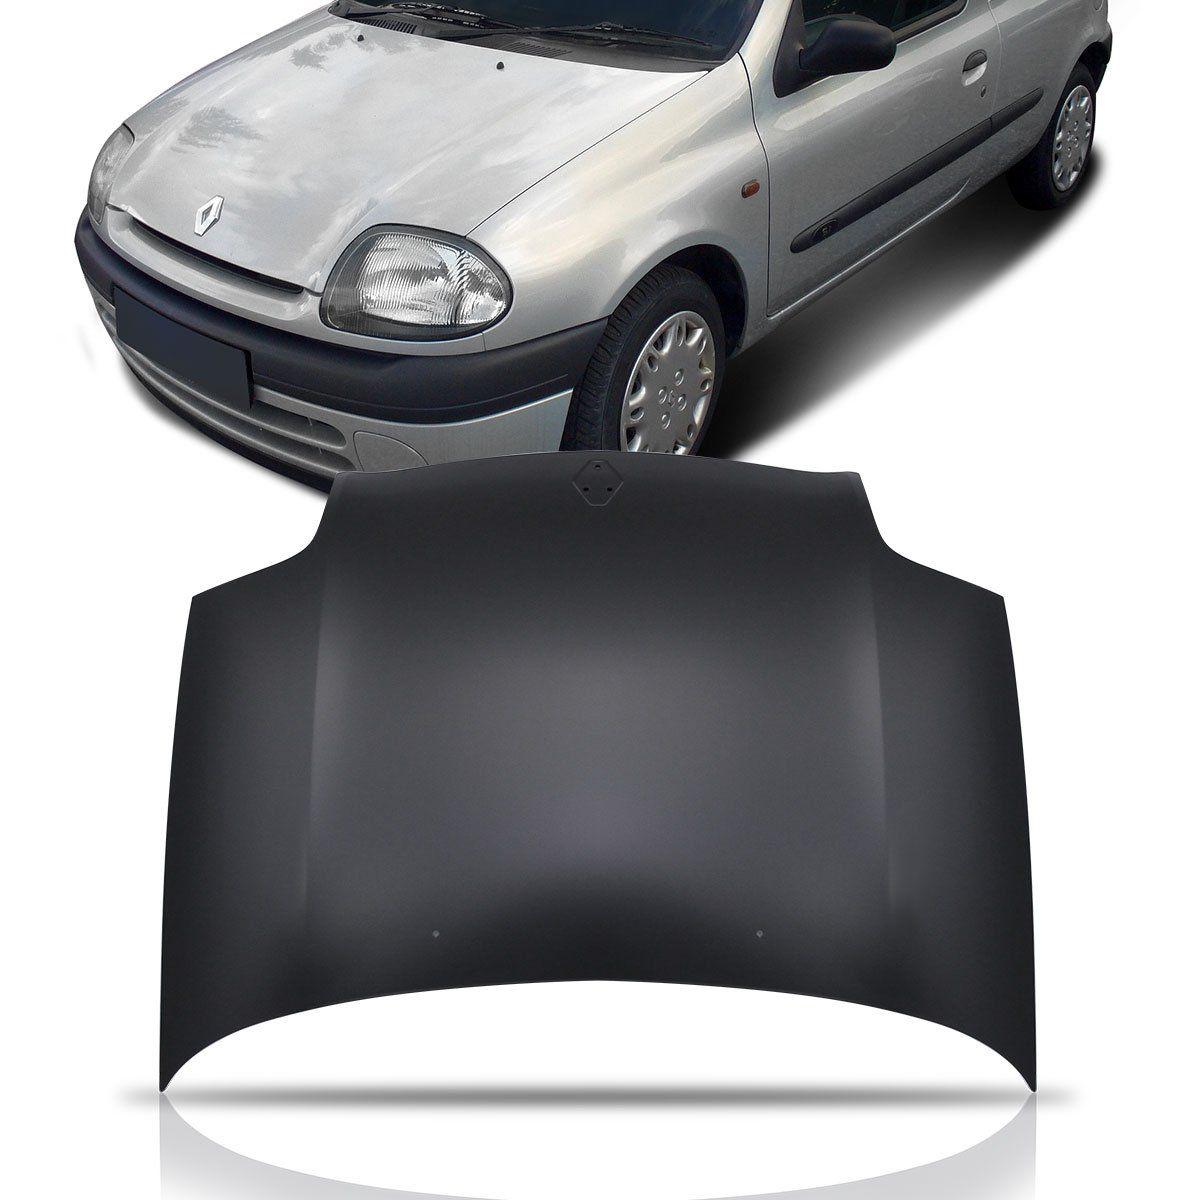 Capo Clio 2000 2001 2002